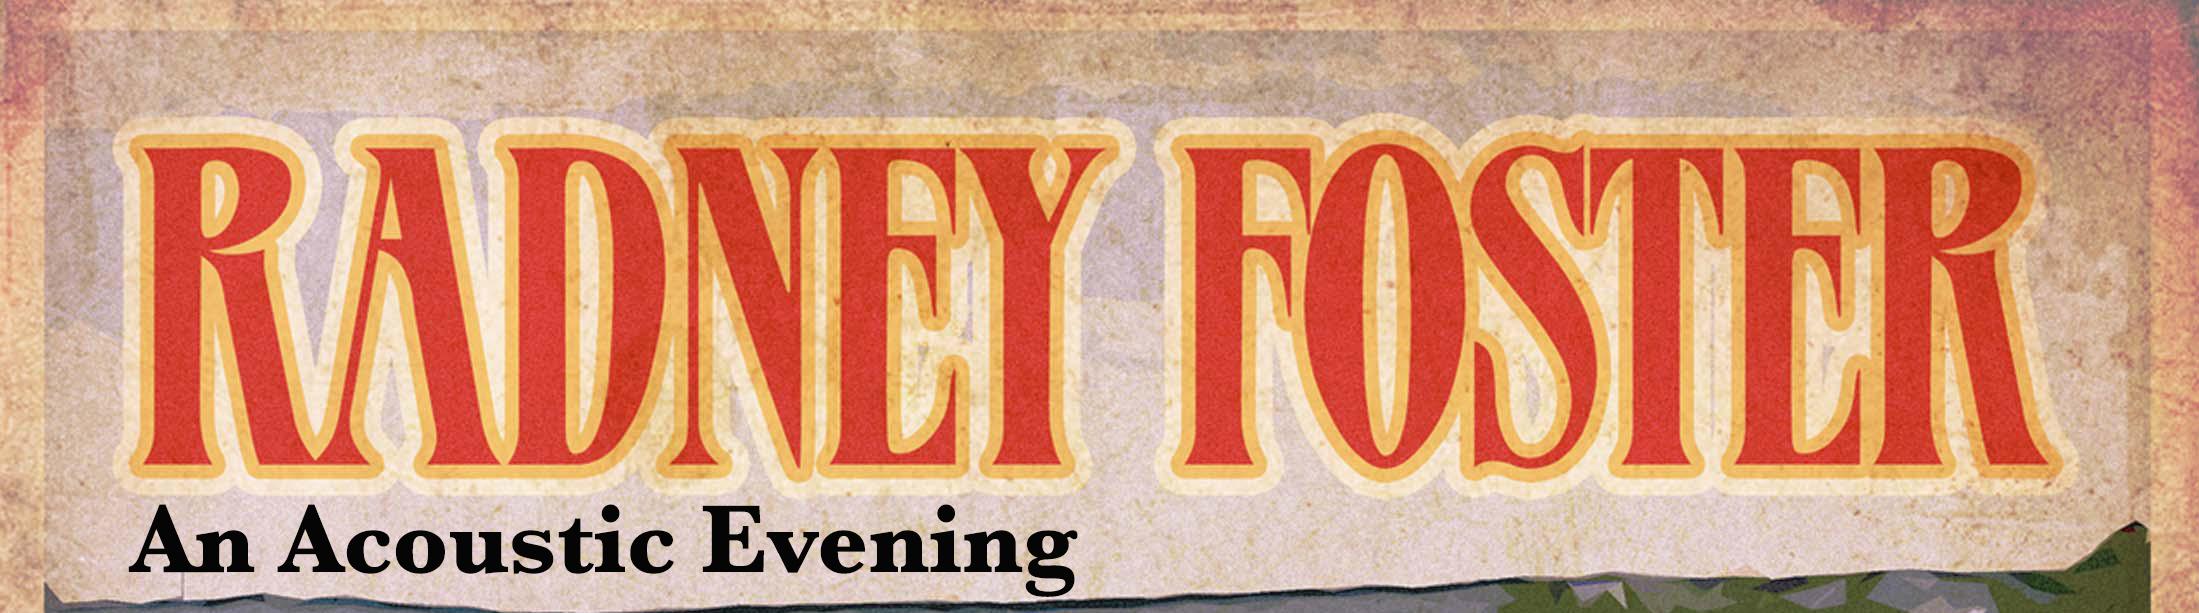 Radney Foster